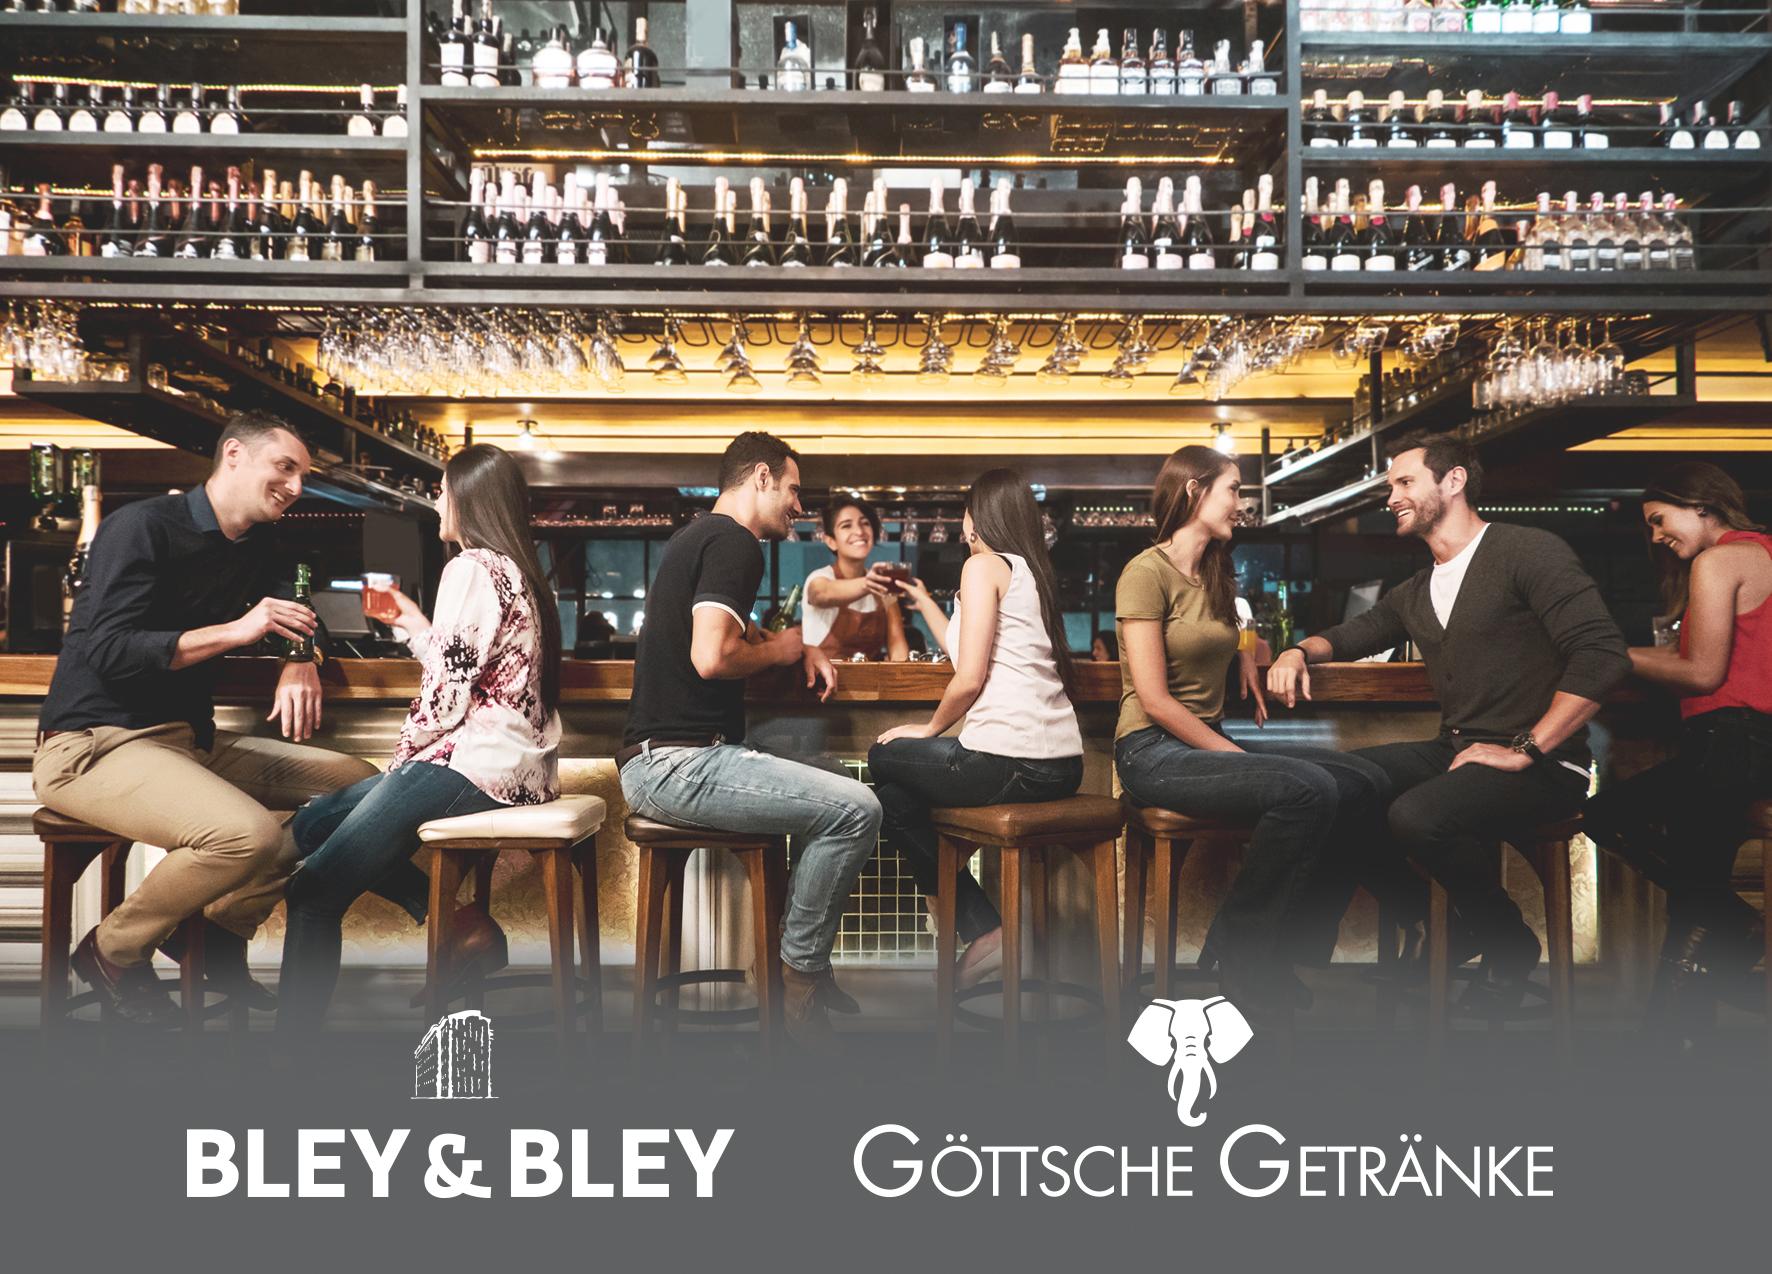 ▷ Göttsche Getränke und Bley & Bley gemeinsam auf der Internorga ...